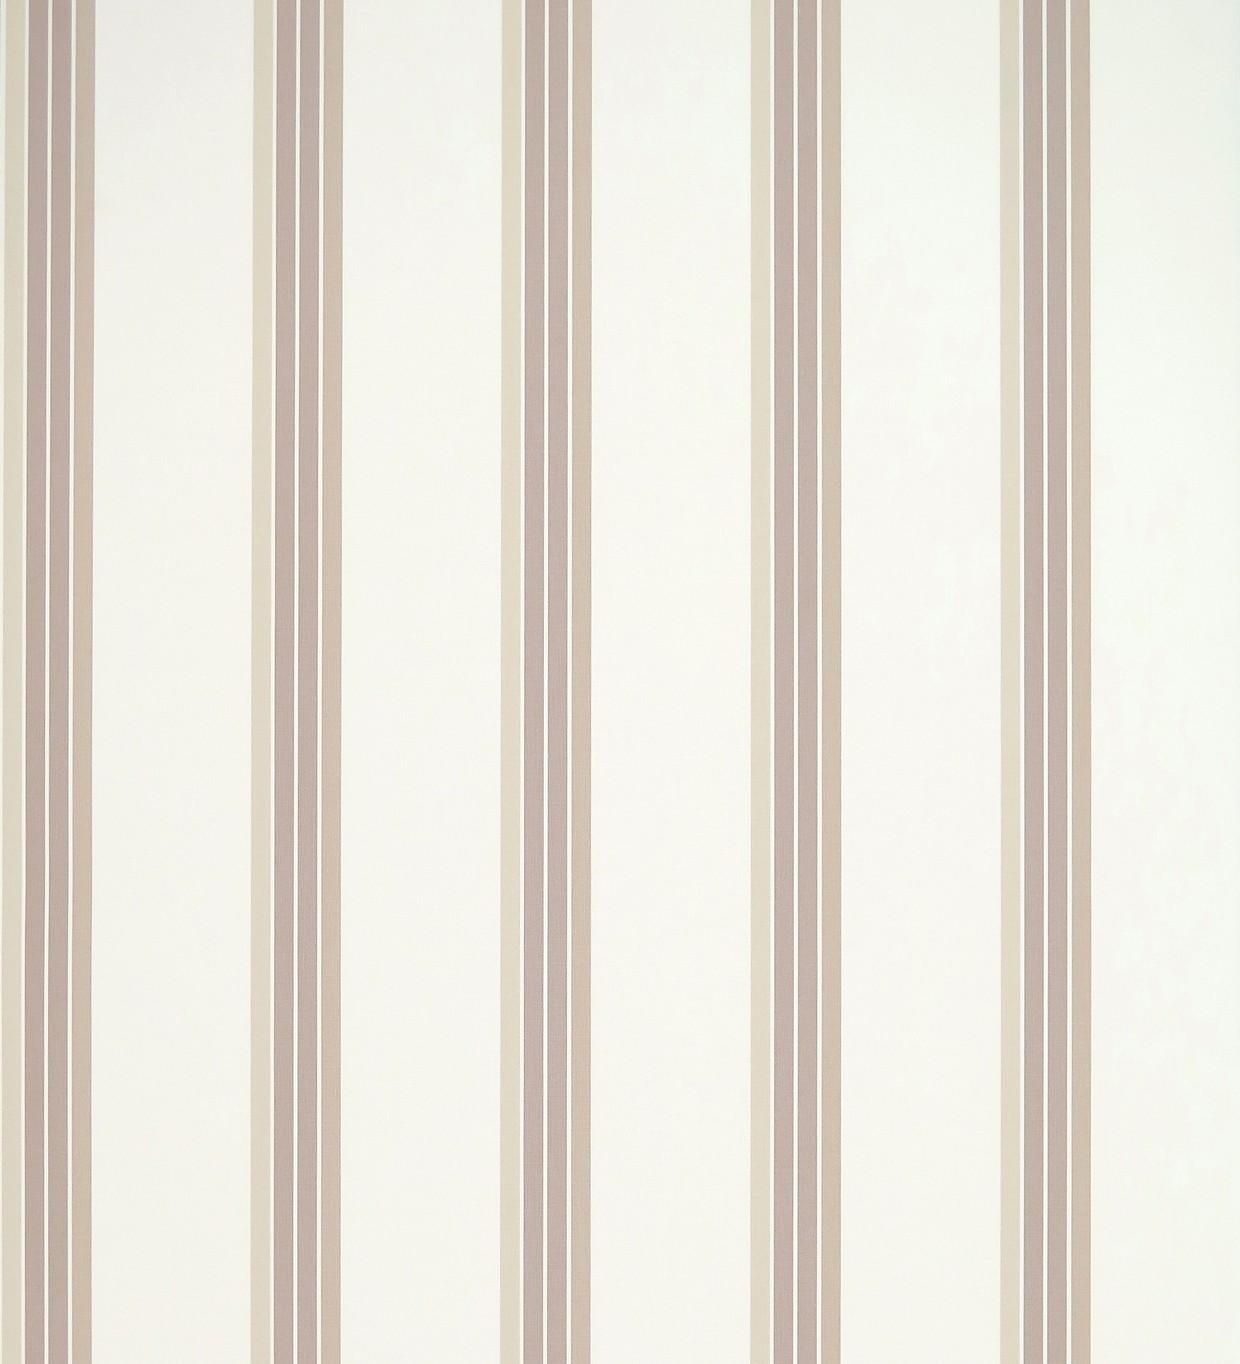 Papeles de rayas estos partes del cuadro de decorar las for Cuadros verticales baratos